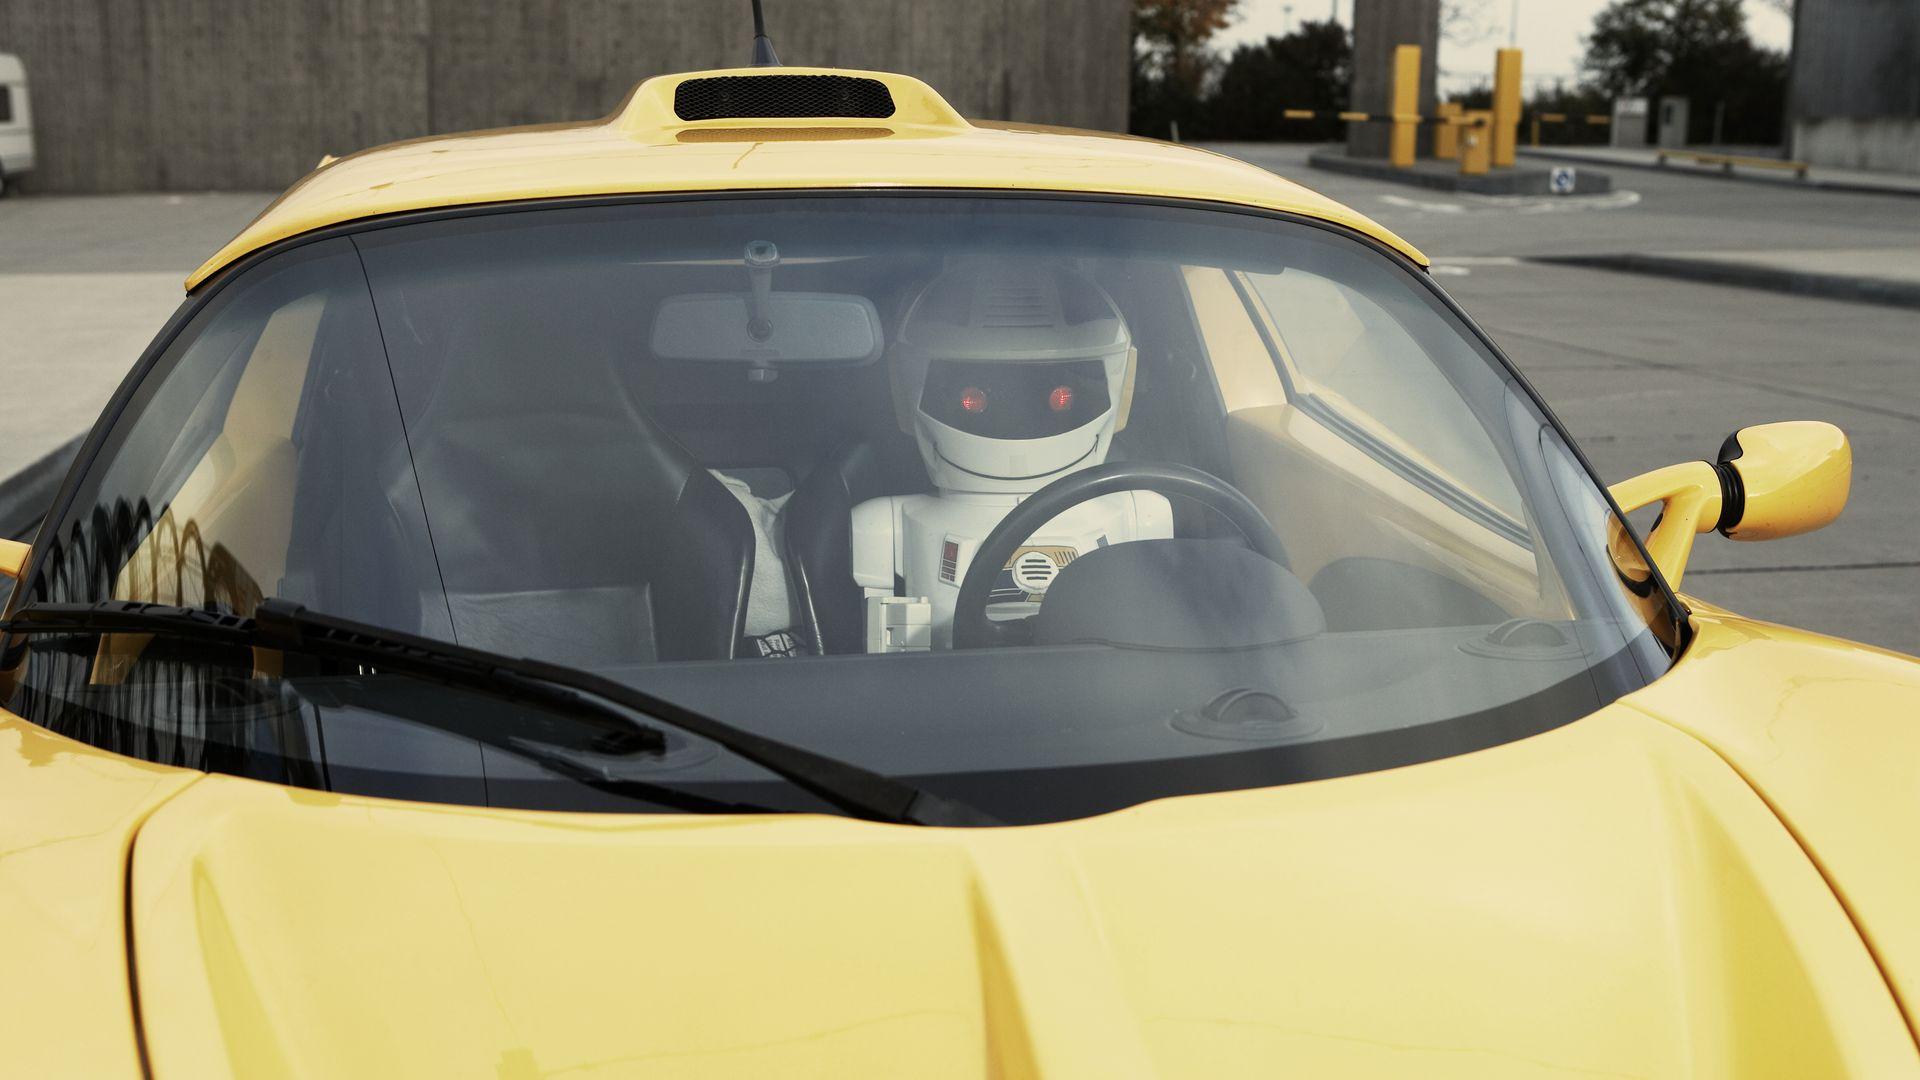 A robot driving a car